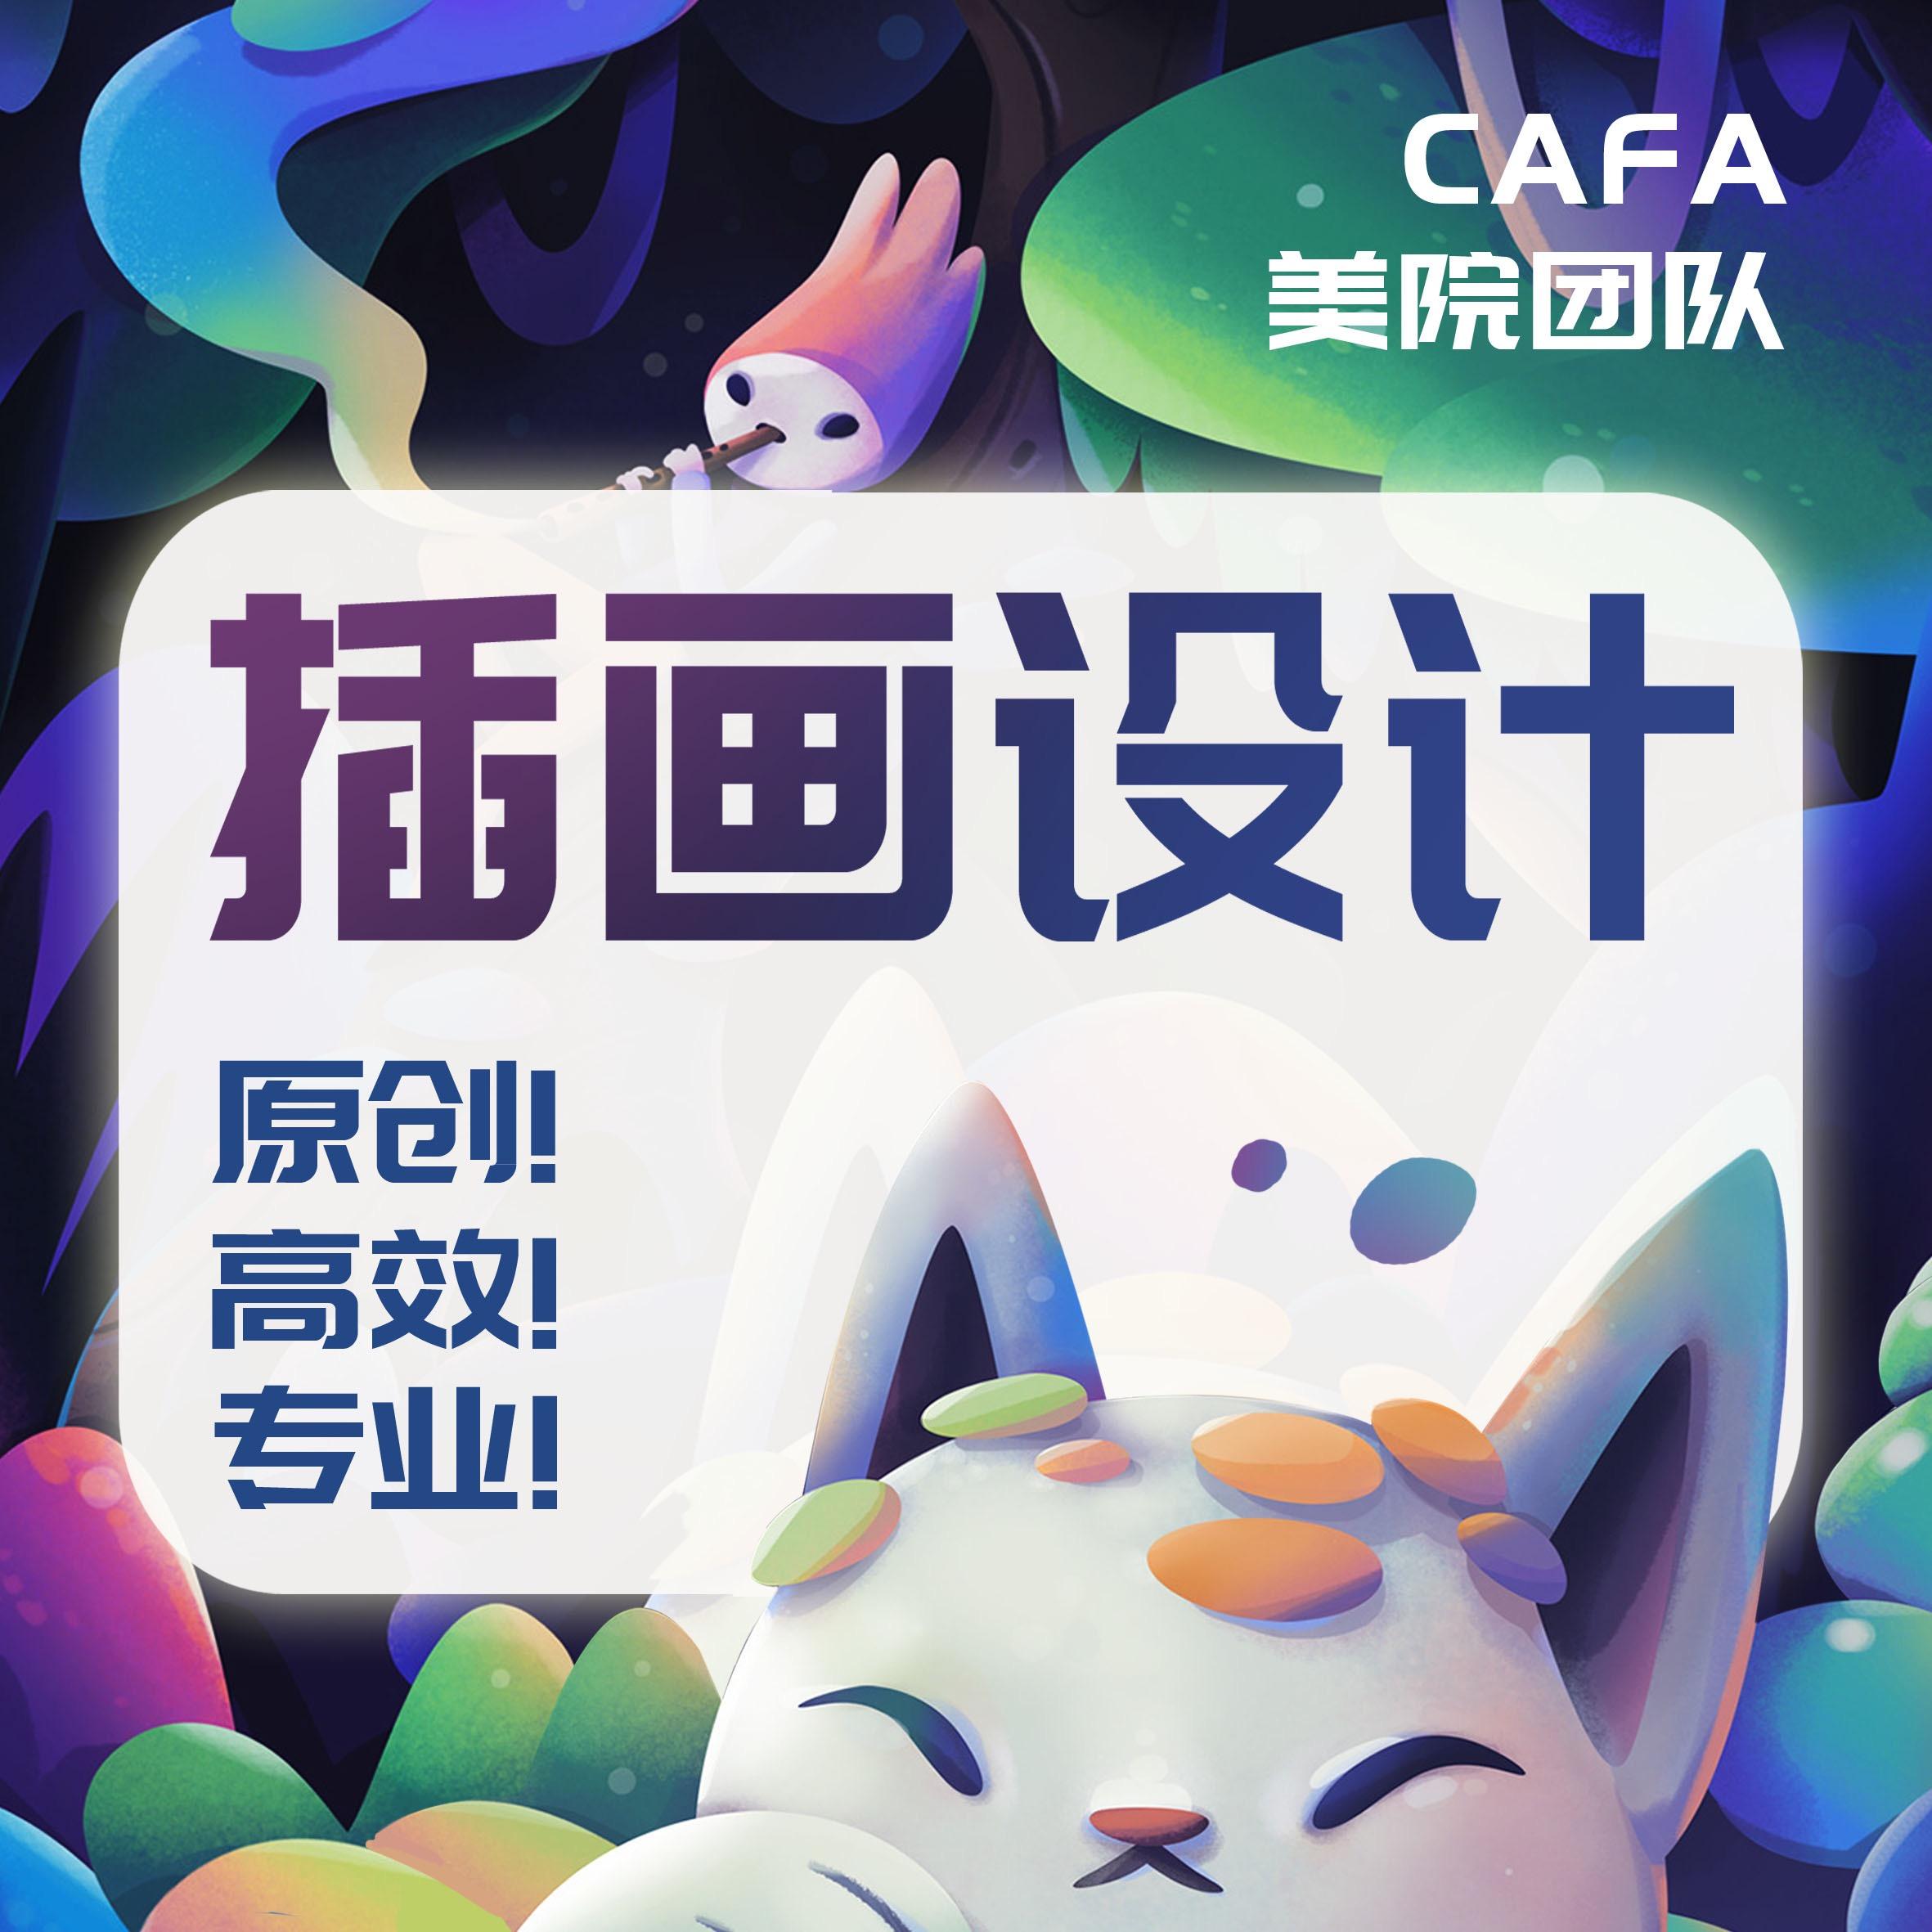 商业插画设计手绘国潮风产品人物包装场景区Q版动物表情包设计